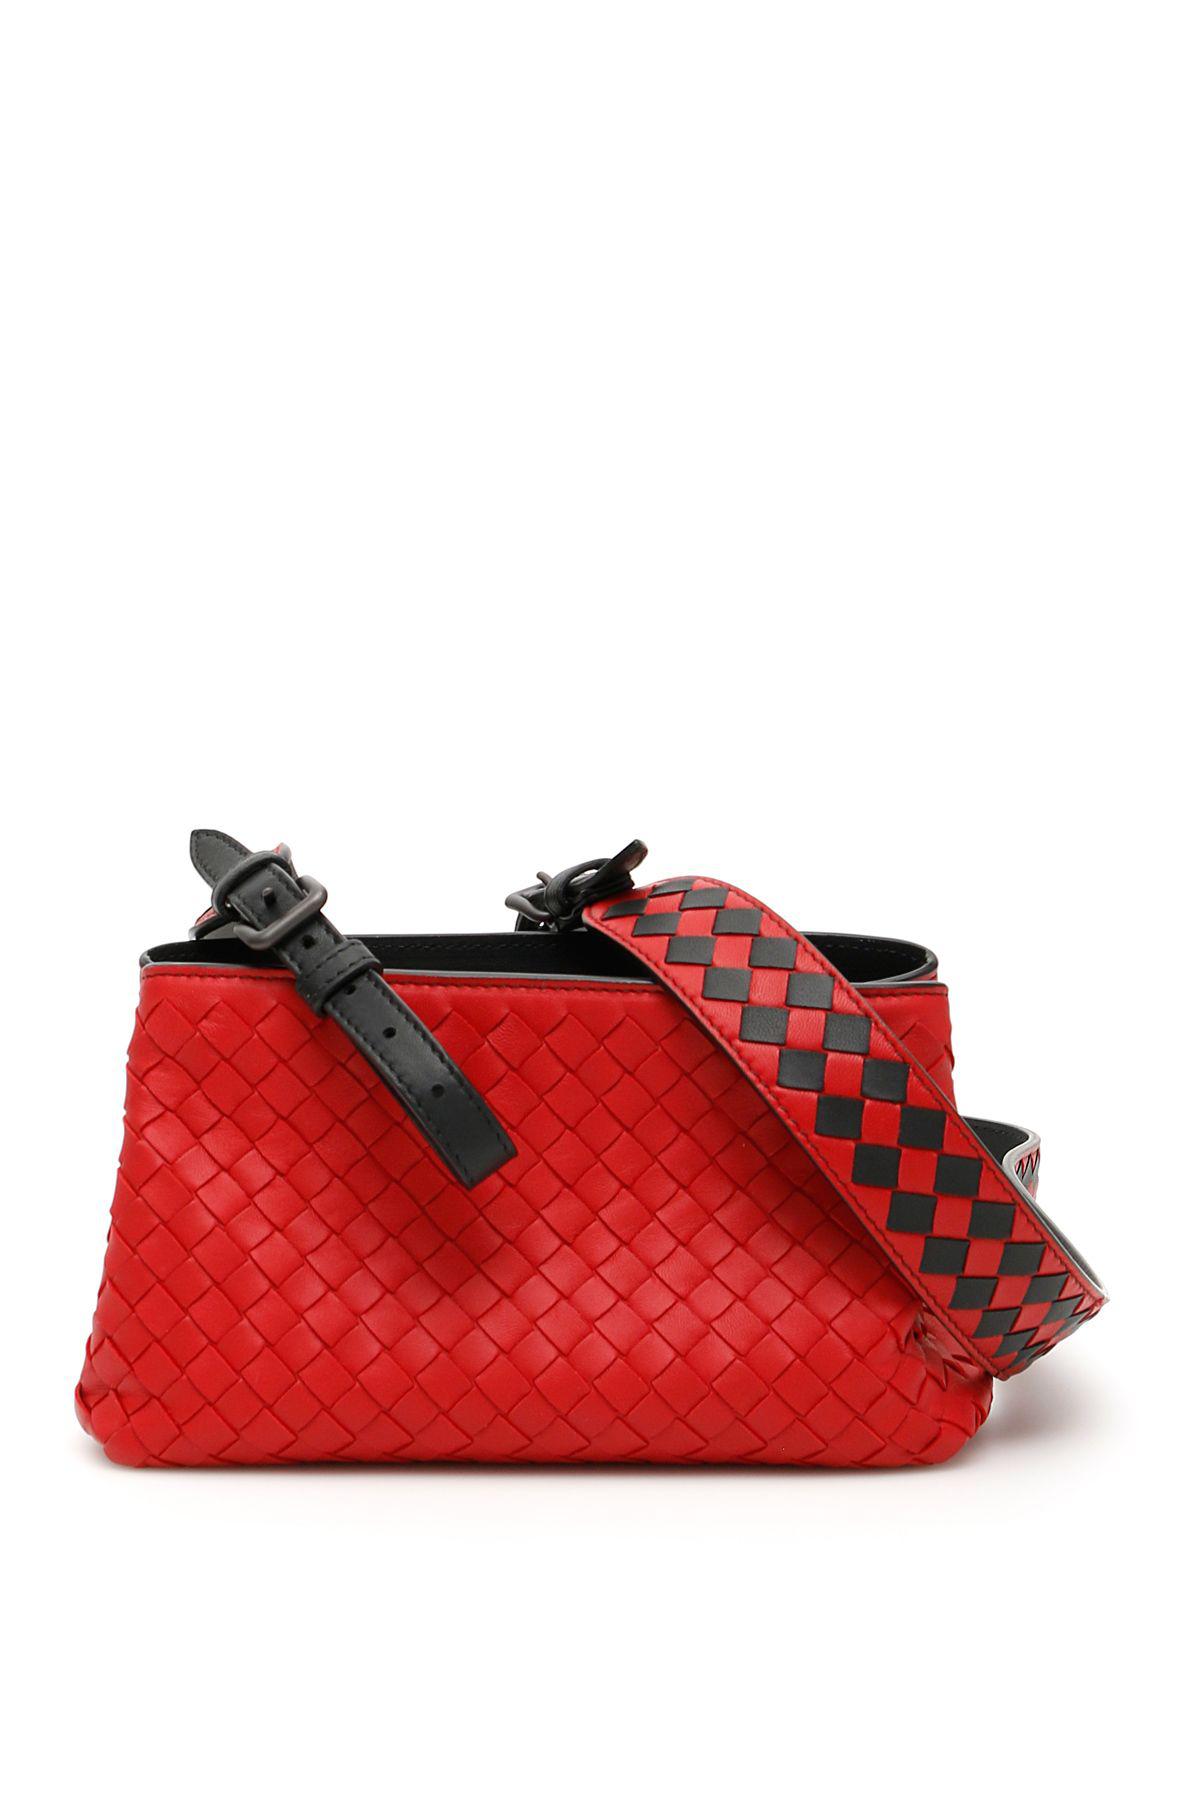 9f52fde0e9 Bottega Veneta Intrecciato Crossbody Bag In China Red Nero